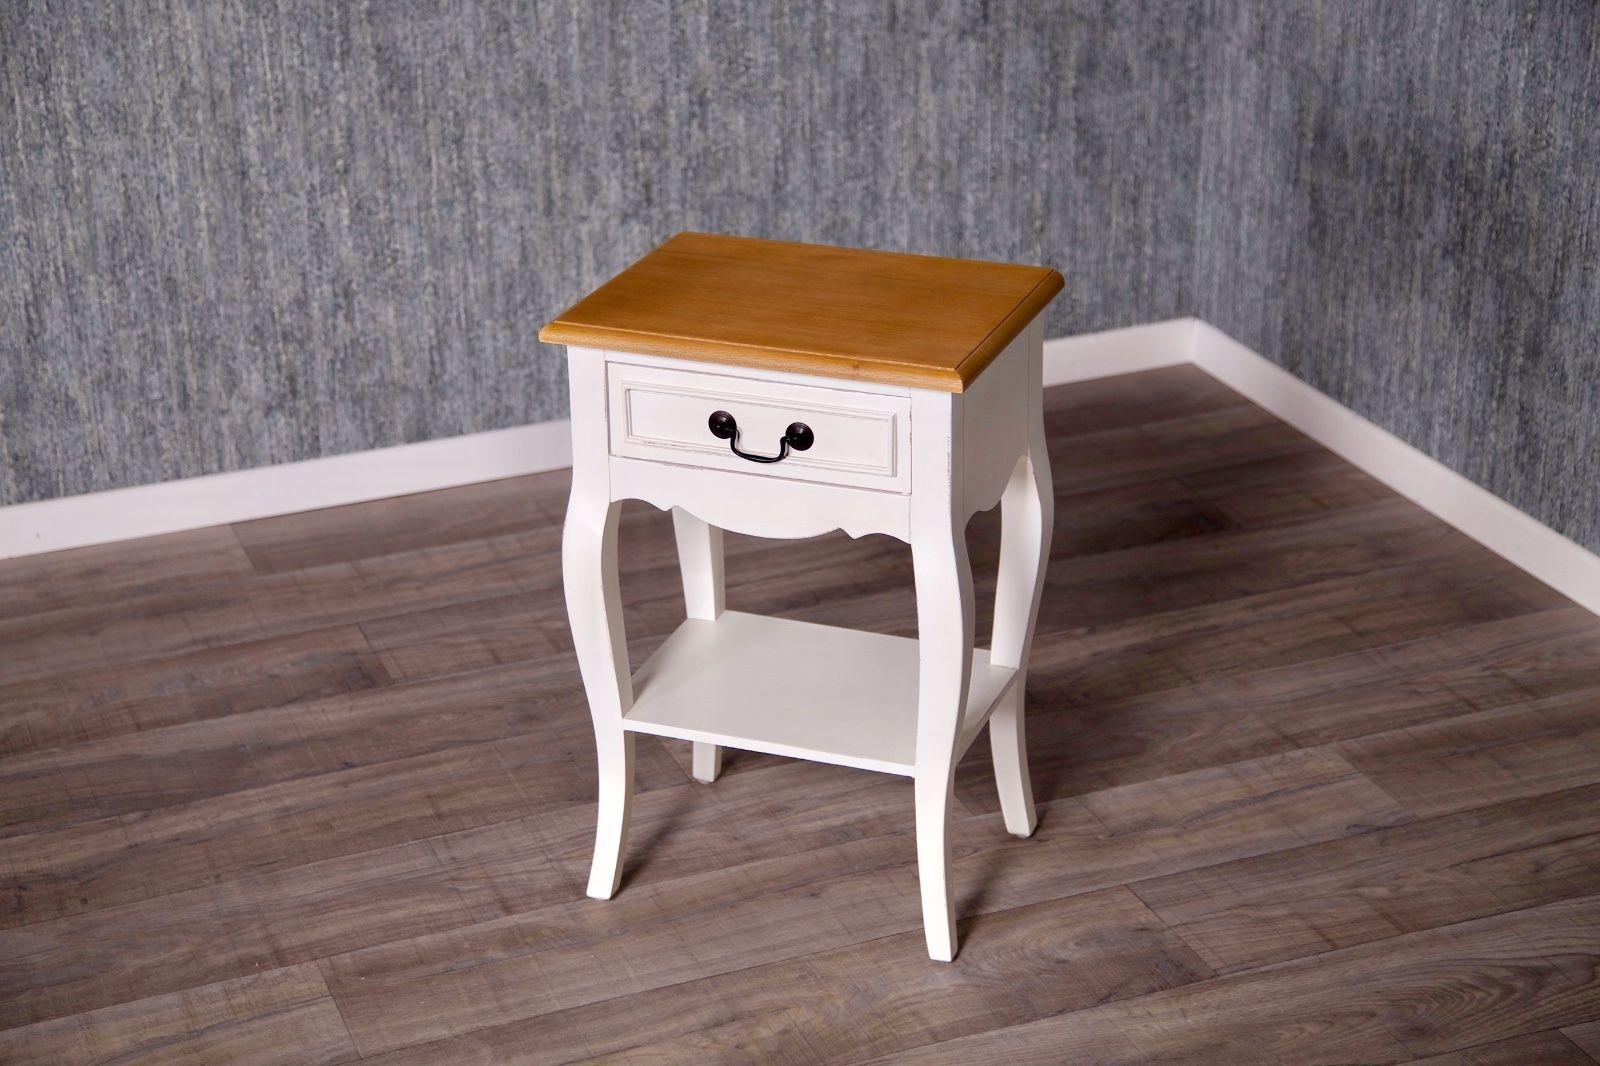 barock nachttisch loi nachttische onlineshop repro. Black Bedroom Furniture Sets. Home Design Ideas